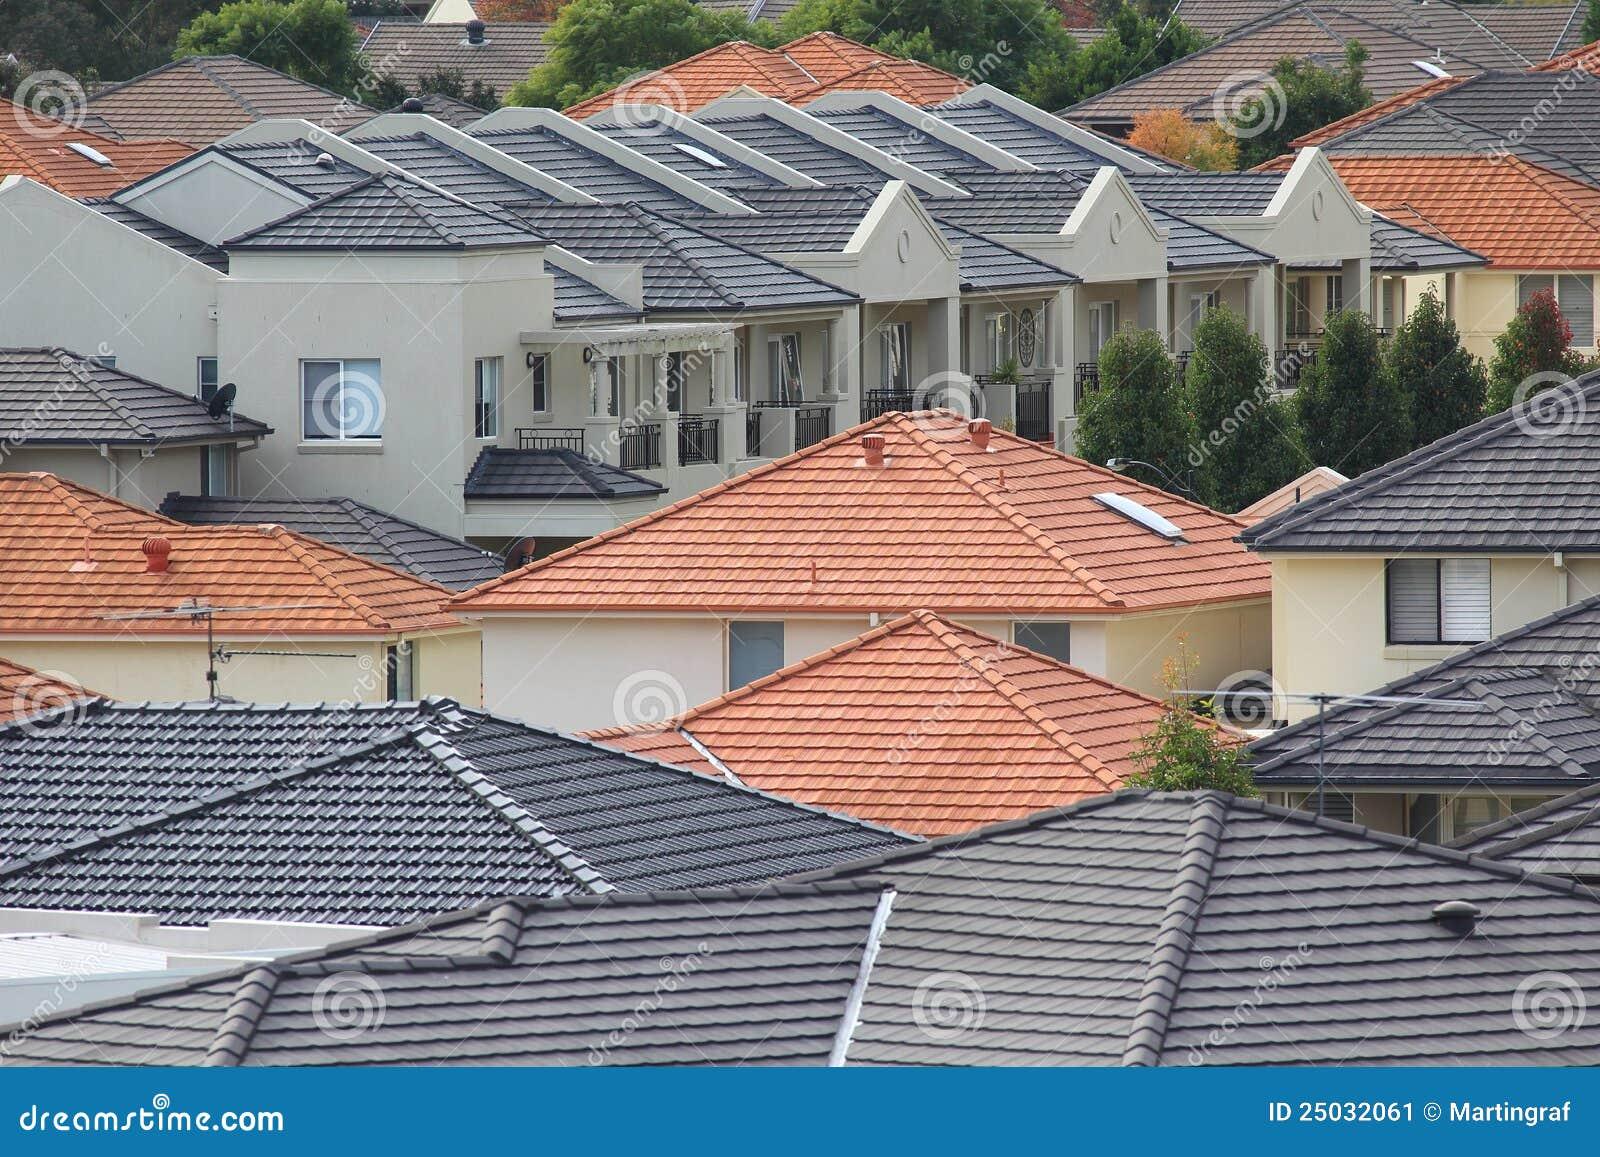 tetti delle case moderne immagine stock immagine 25032061